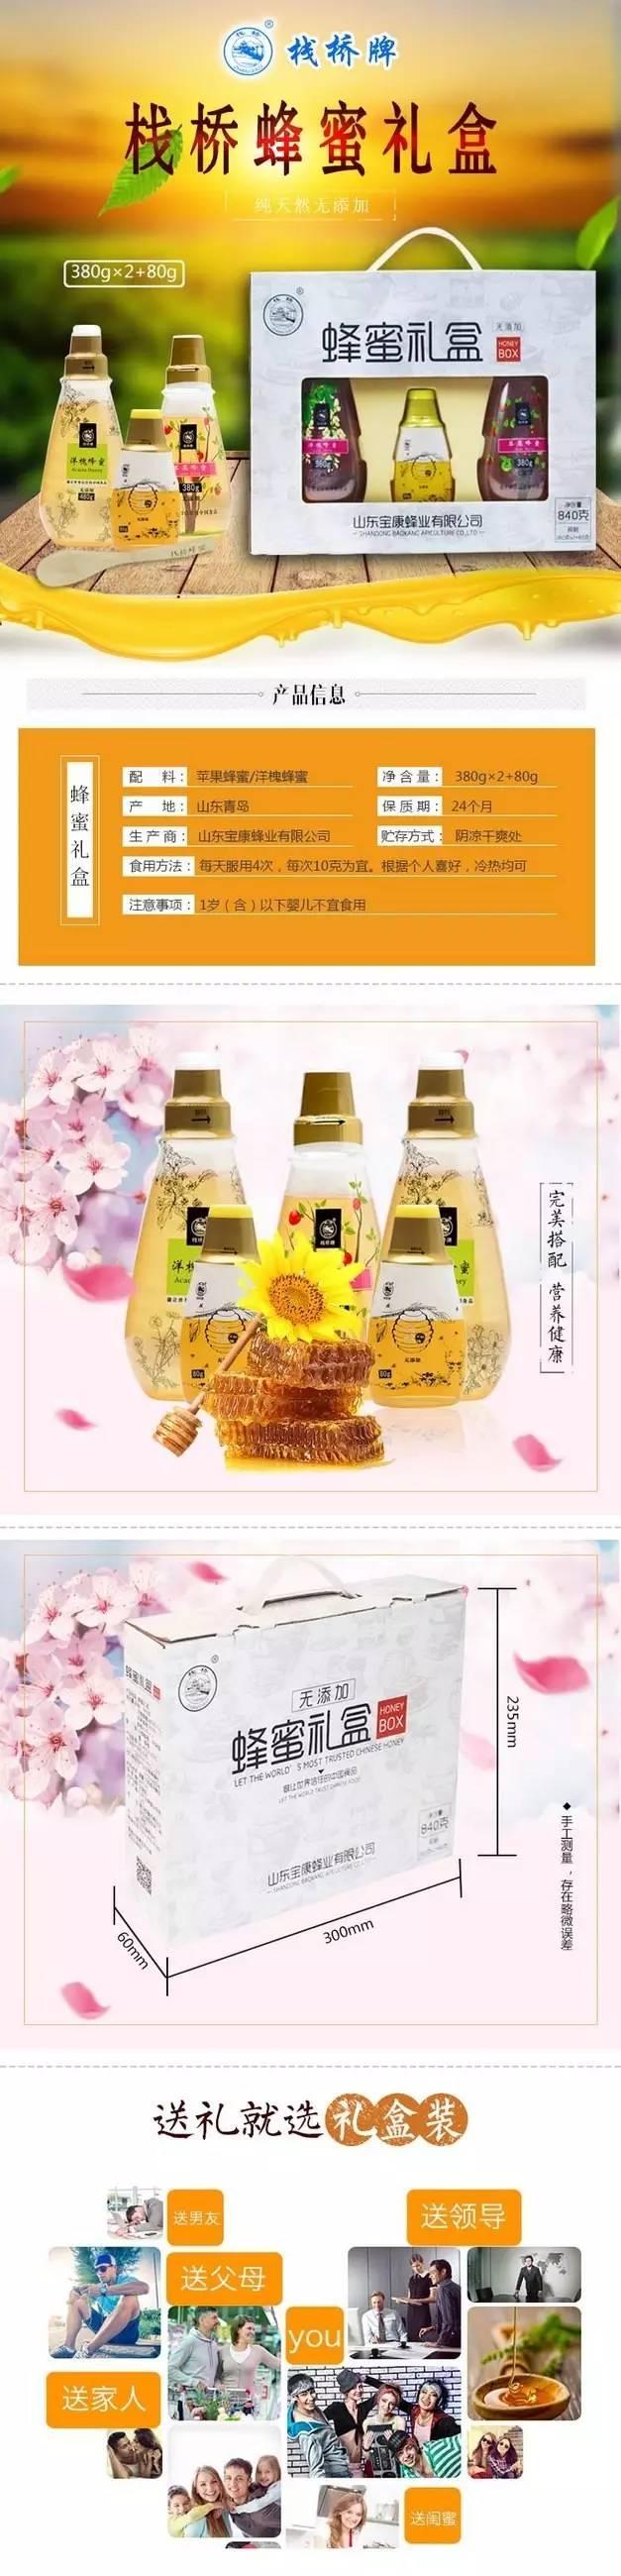 乳腺增生可以喝蜂蜜 蜂蜜展览会 番禺才可以买到真正的蜂蜜 五味子蜂蜜 蜂蜜发面